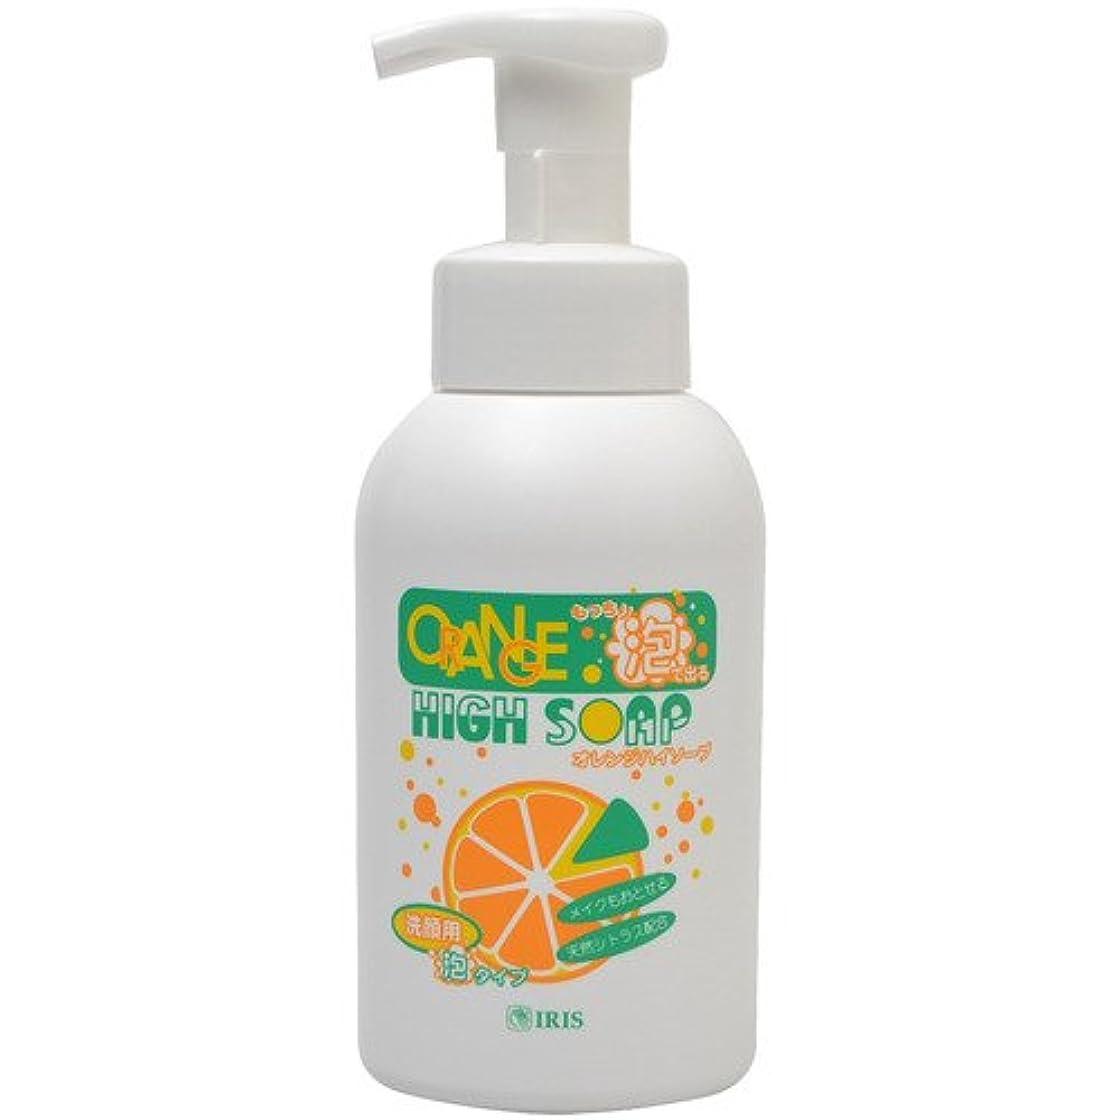 熟読する分析する小川オレンジハイソープ 洗顔用 泡タイプ ポンプ式 400ml